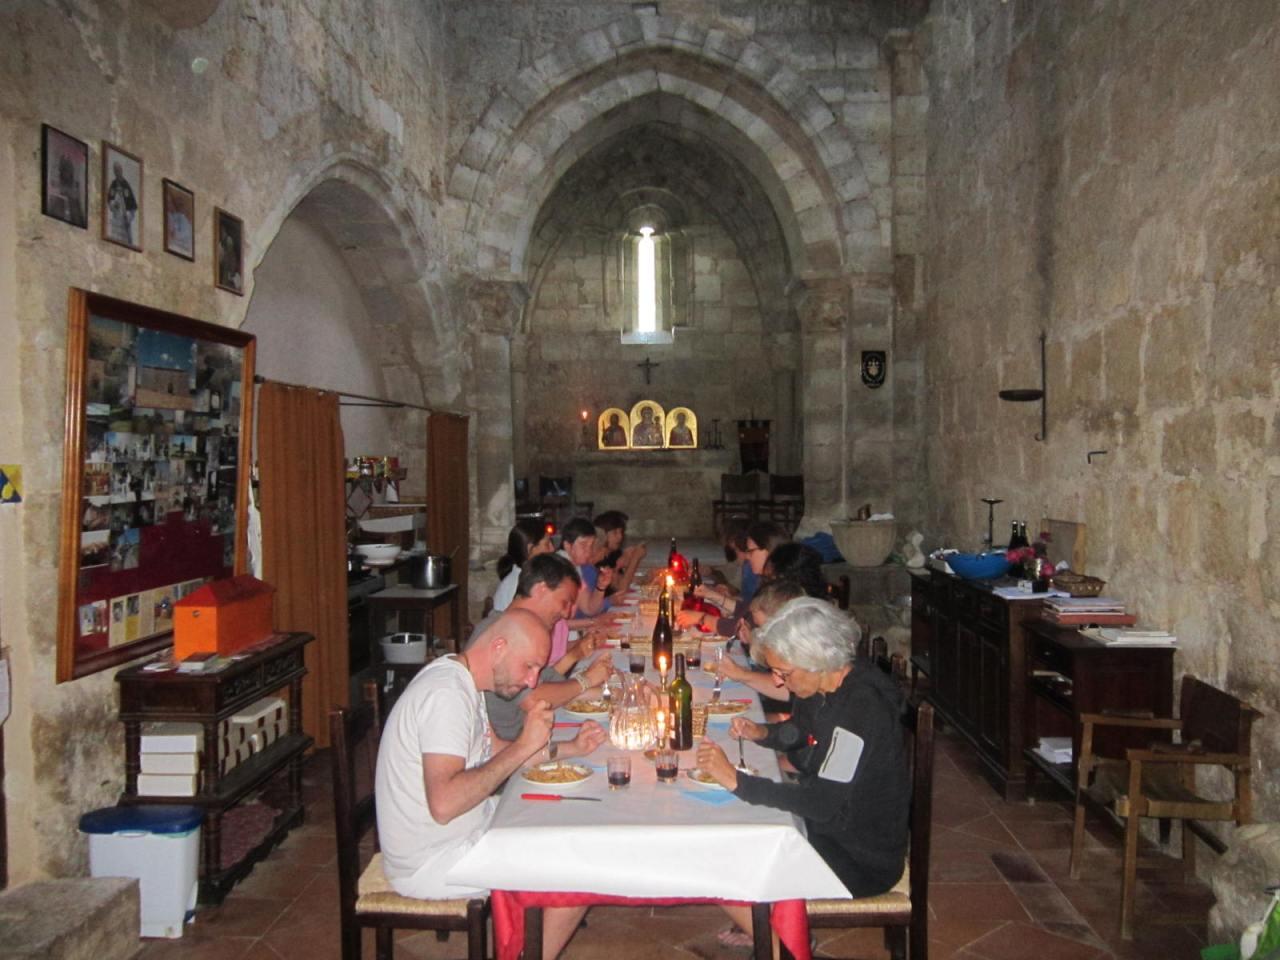 Ermita de San Nicolas on the Camino Frances/French Way